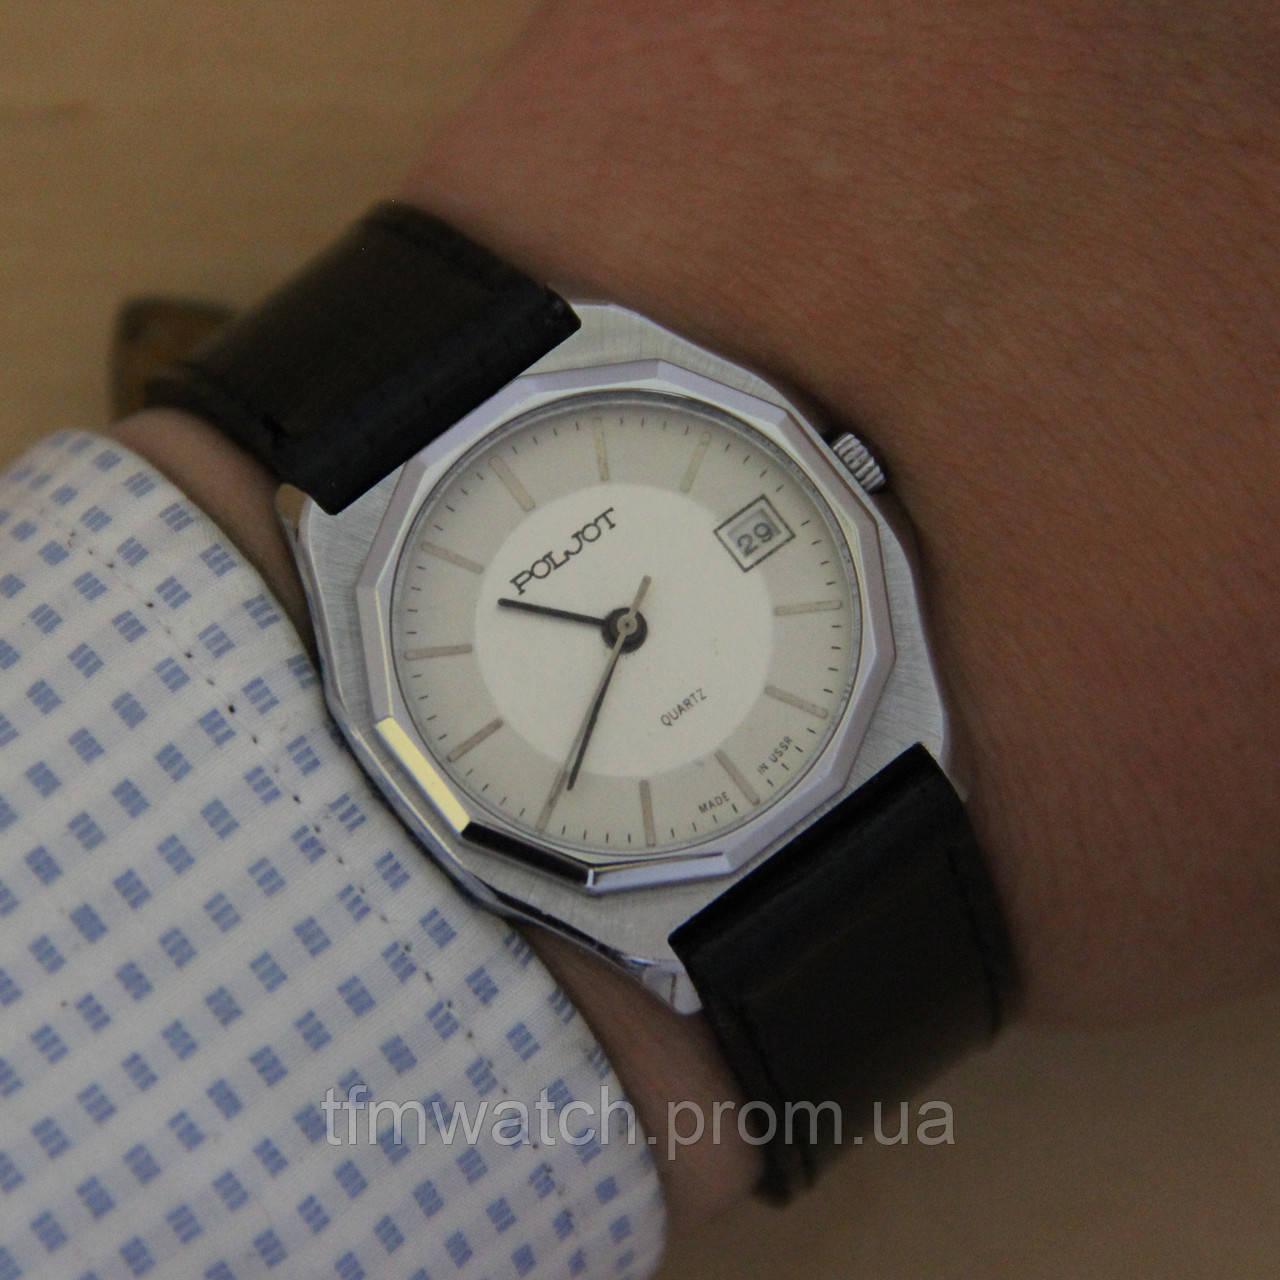 add7f1e7 Poljot quartz Полет кварц кварцевые часы СССР - Магазин старинных,  винтажных и антикварных часов TFMwatch